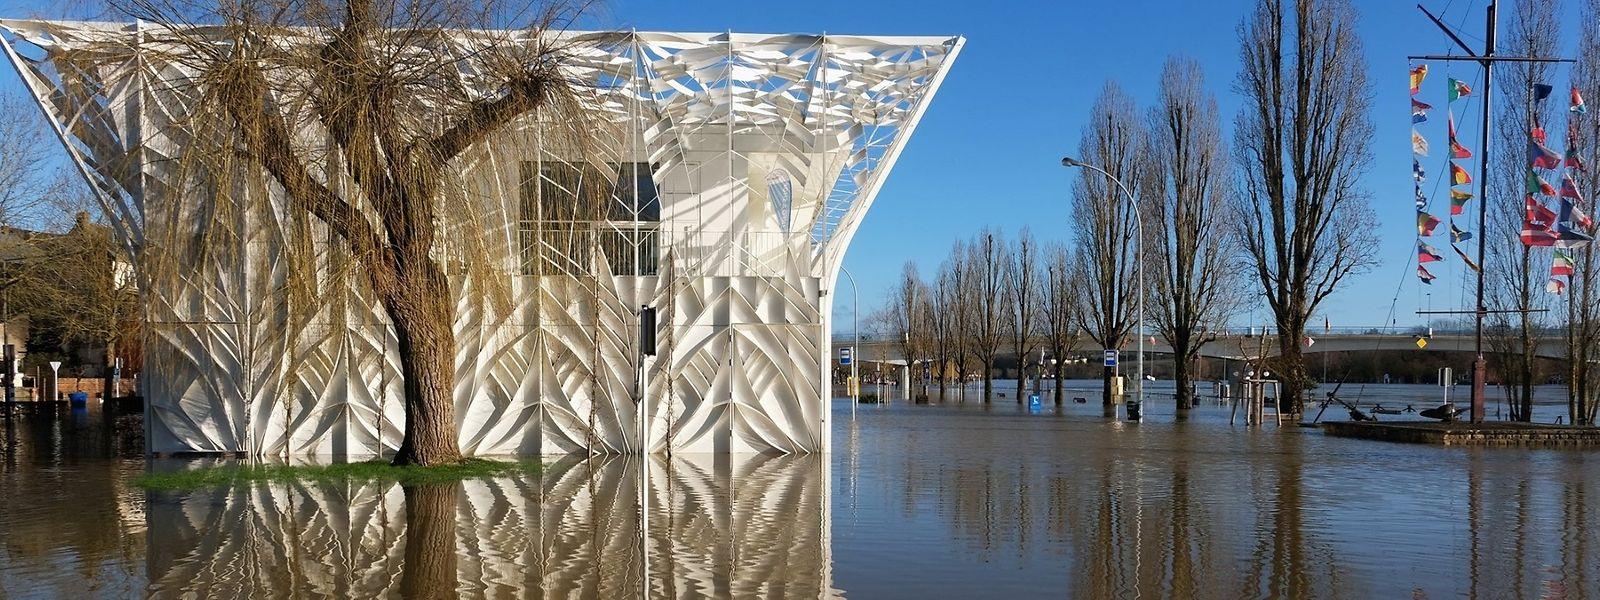 Mittwoch letzte Woche: Wie ein Schiff spiegelt sich das Centre Visit Remich im Moselwasser.